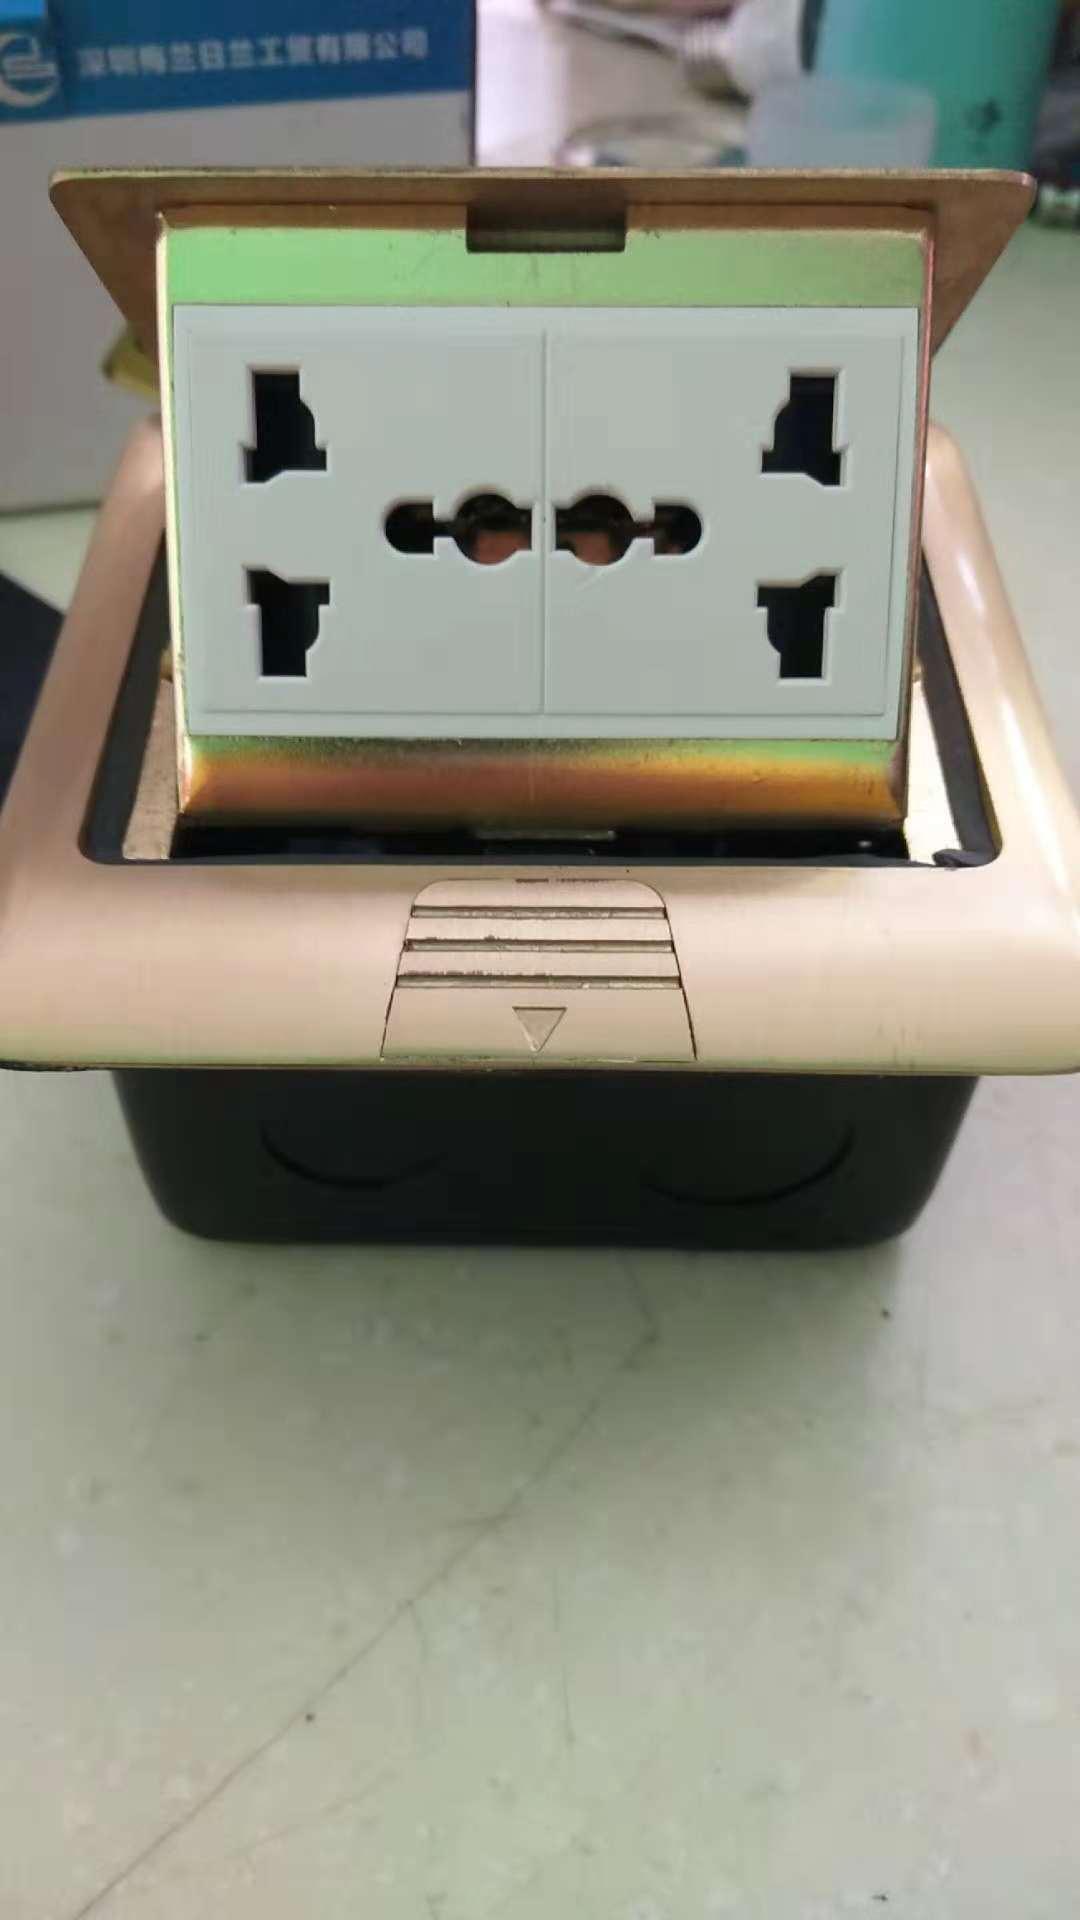 厂家批发 梅兰日兰防尘防撞击 多功能六孔地插 隐藏式金色地插